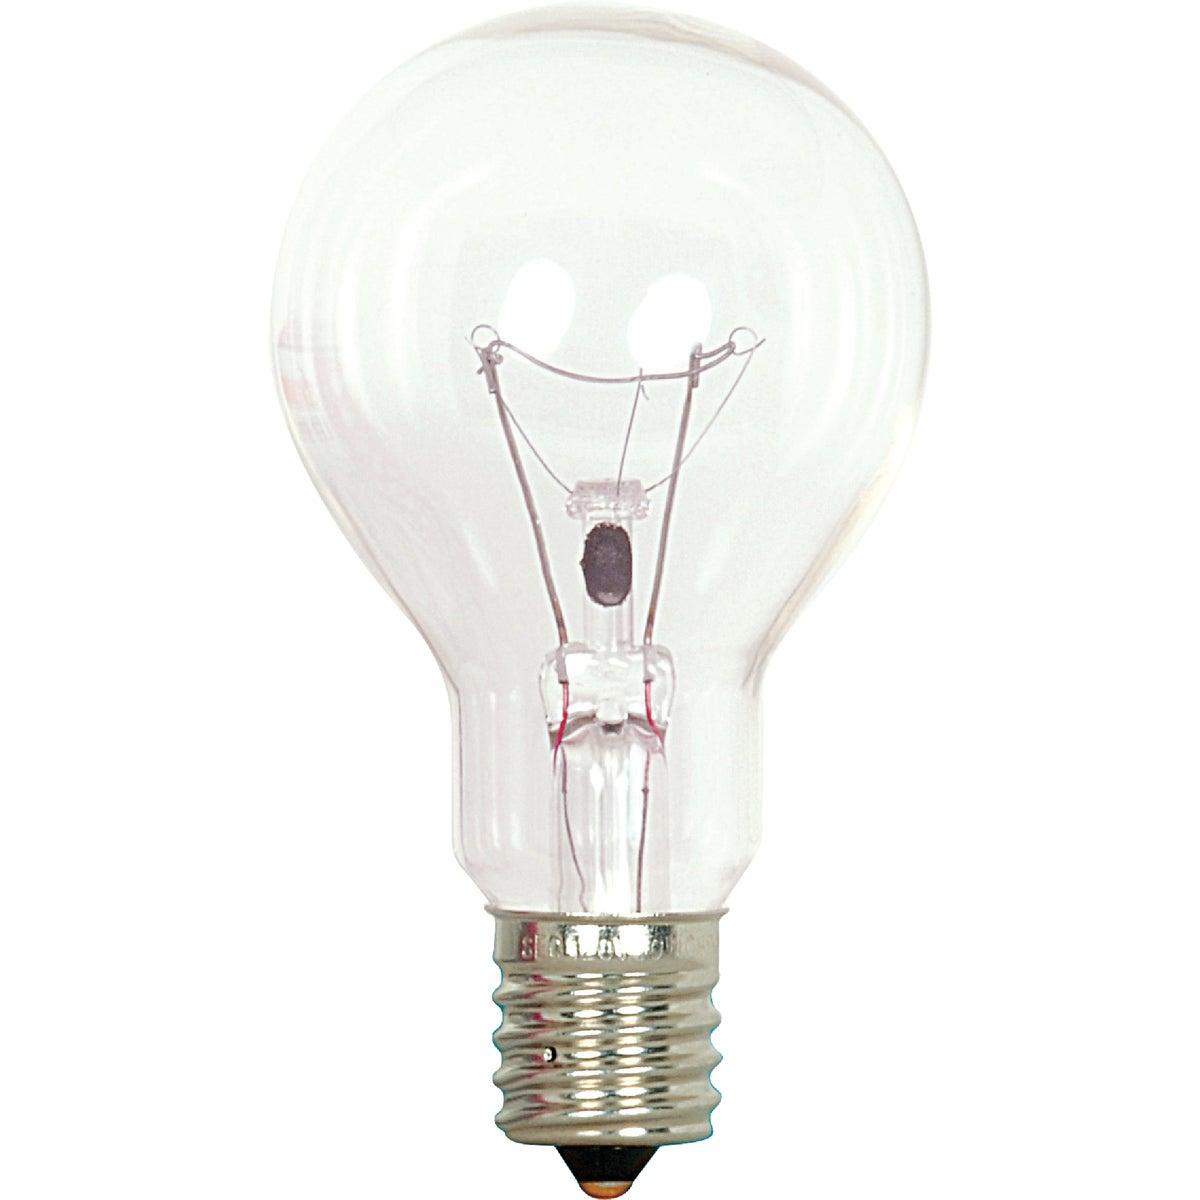 2PK 40W CL INTR FAN BULB - 03936 by Westinghouse Lightng